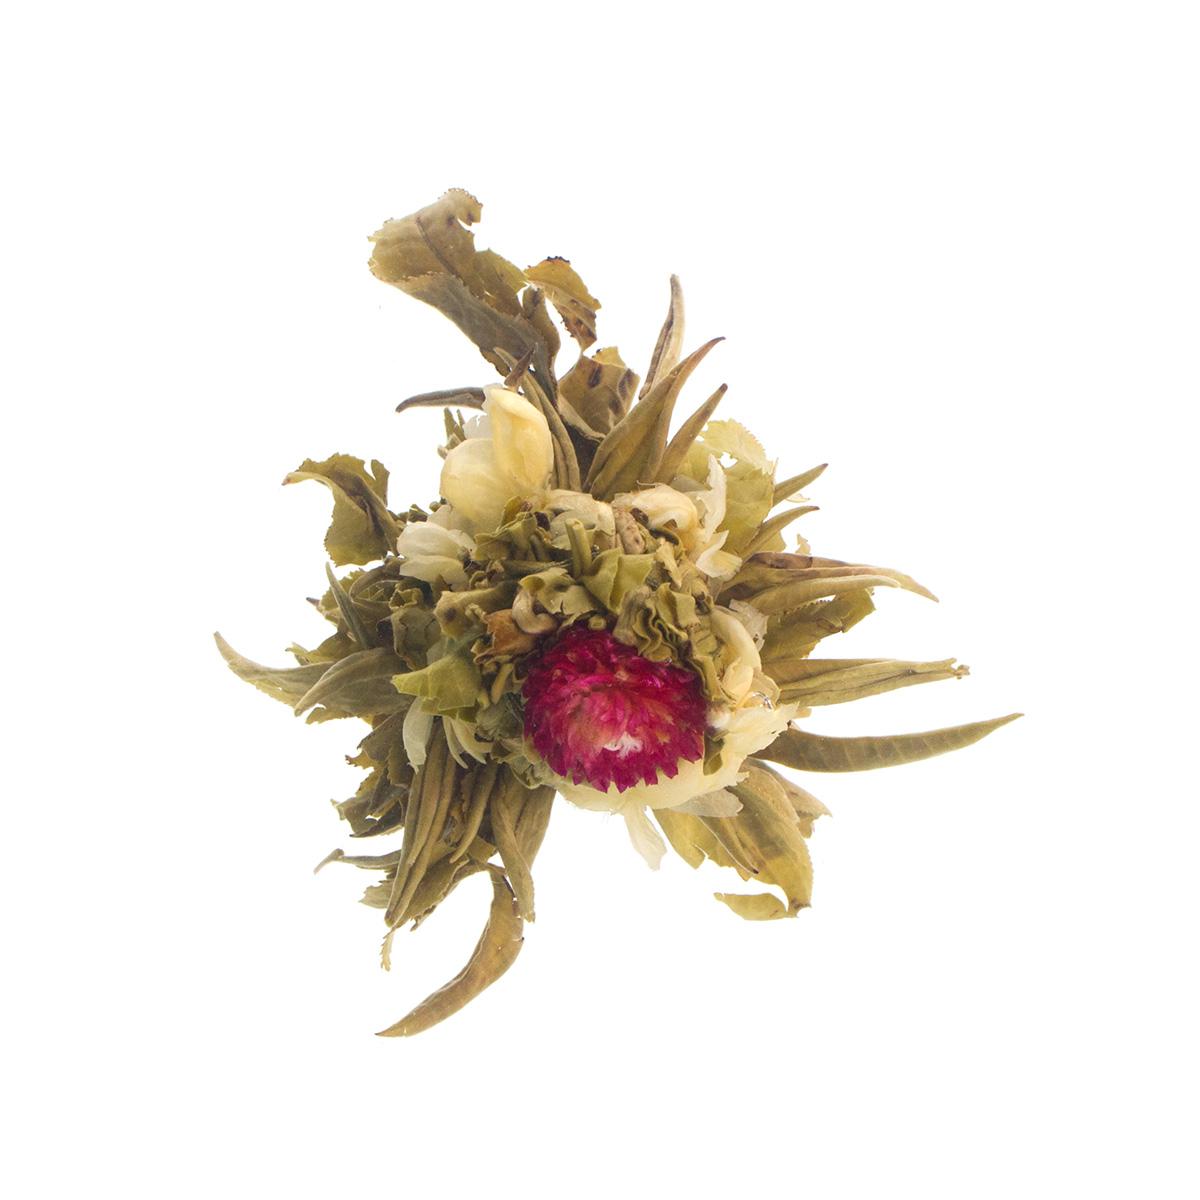 Связанный чай Амулет монаха, 5 шт. в уп.